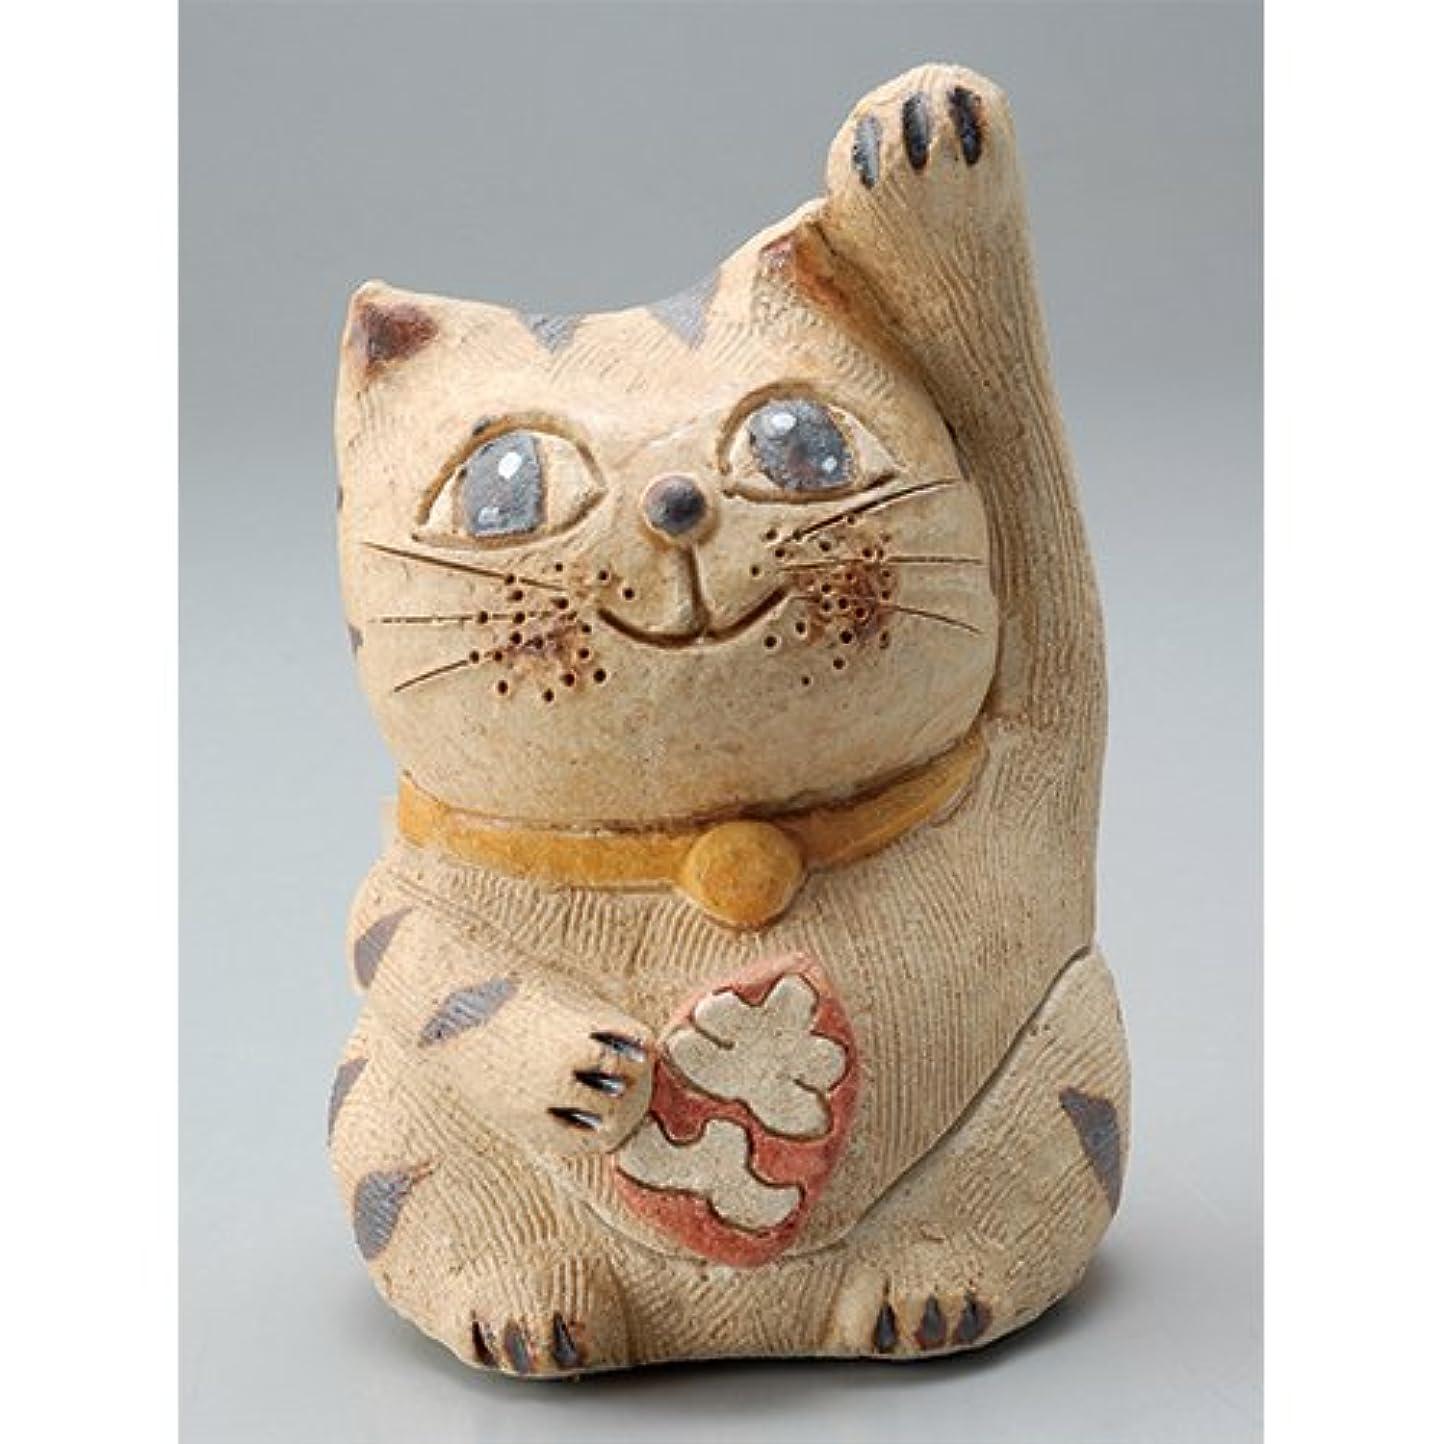 市民想像力送る香炉 円な瞳招き猫(人招き)香炉(小) [H8.5cm] HANDMADE プレゼント ギフト 和食器 かわいい インテリア